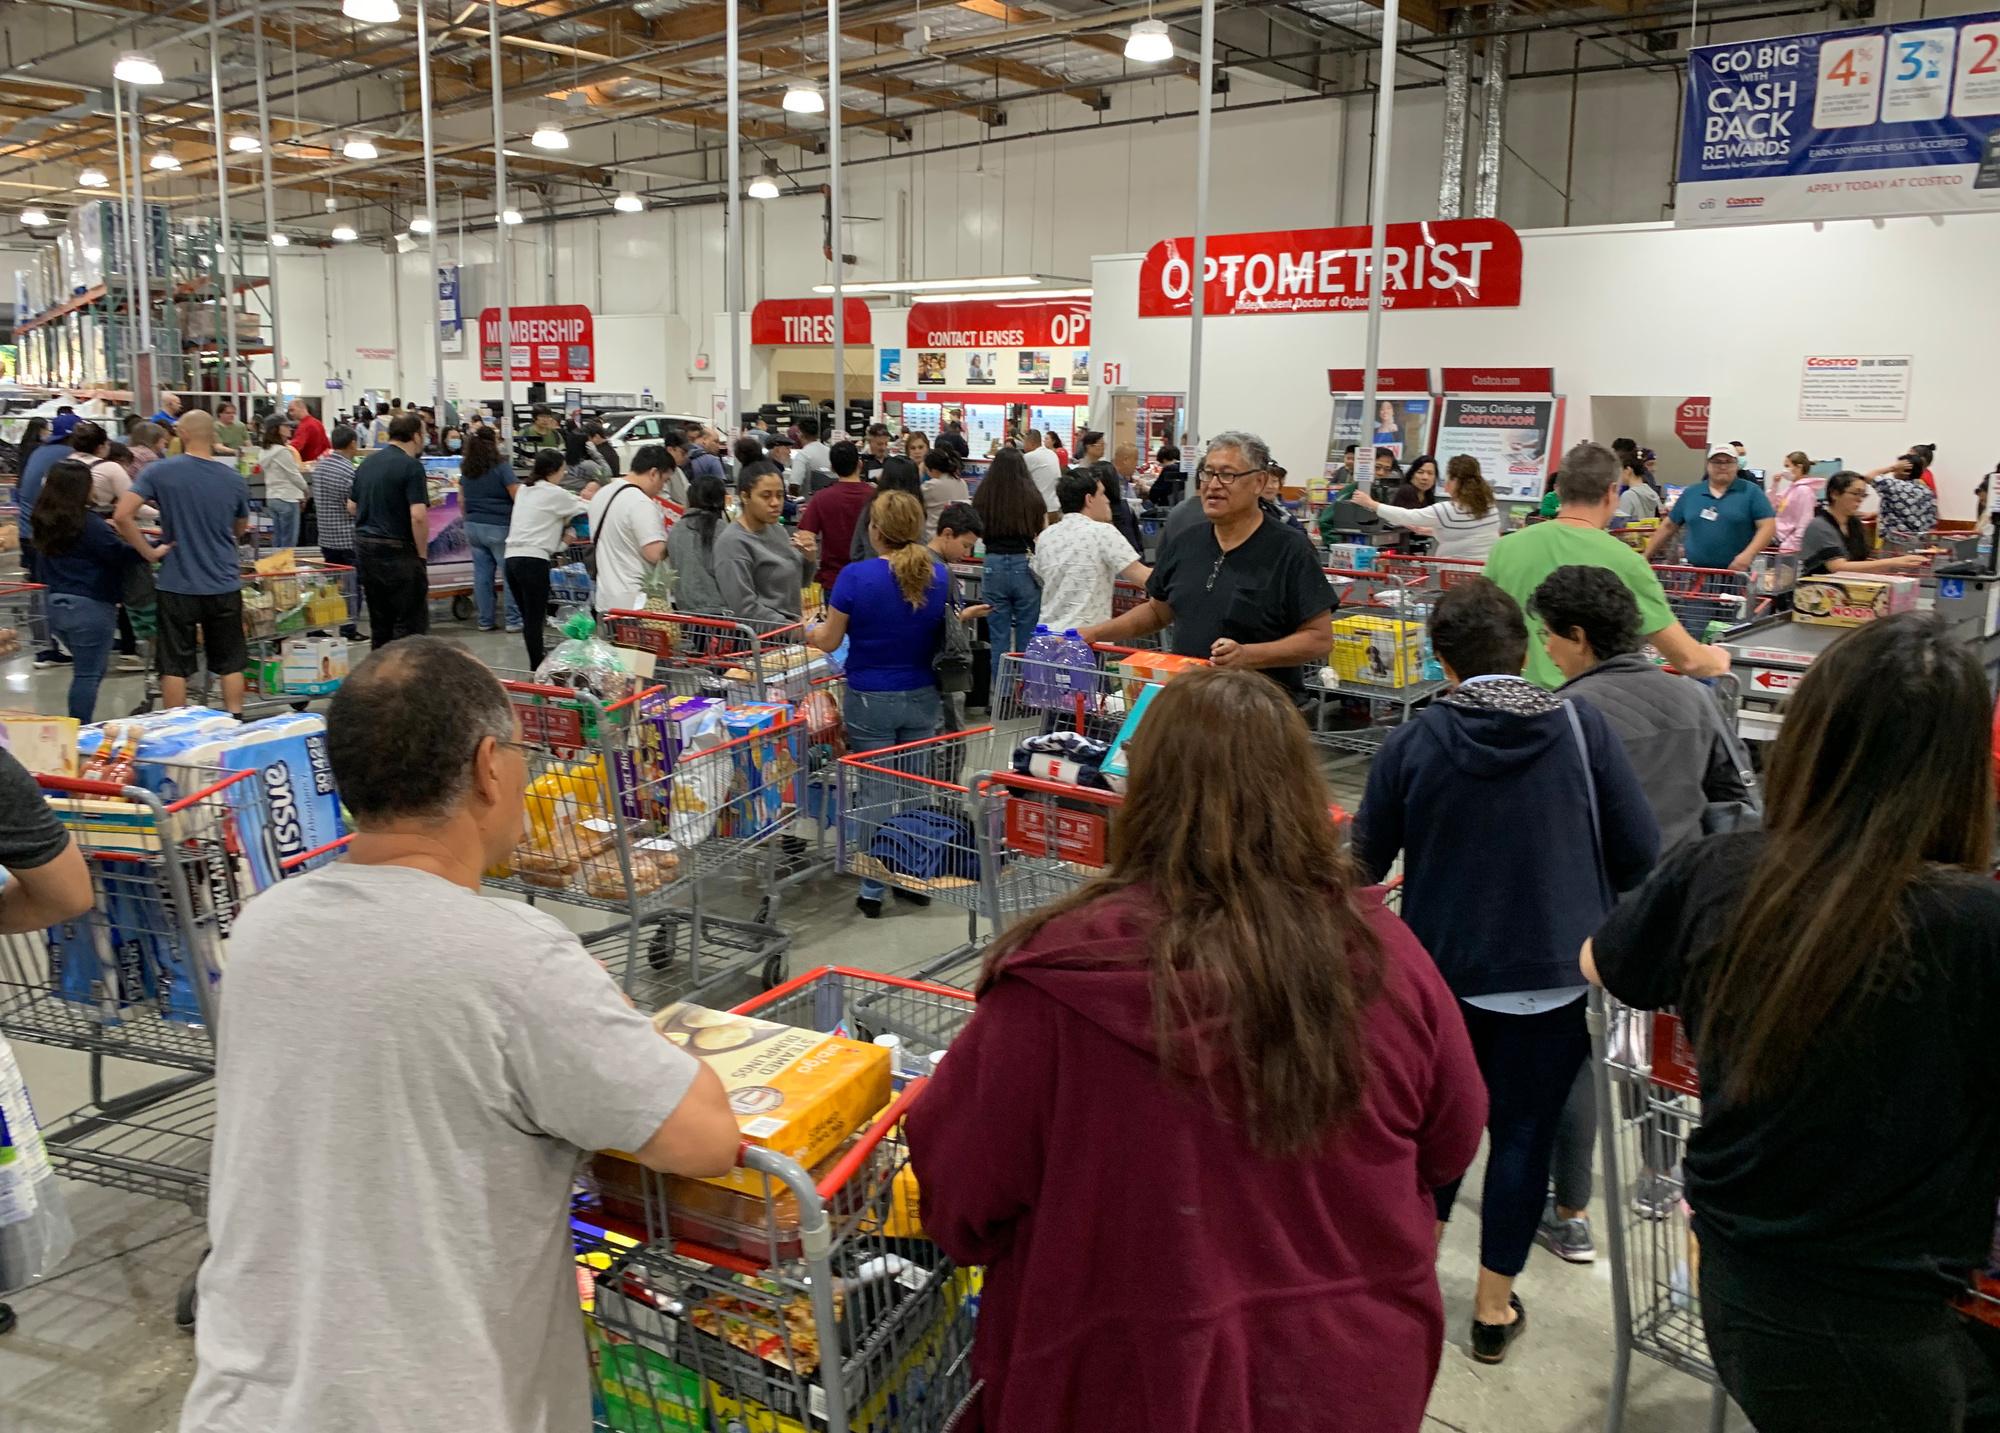 Ruée dans un supermarché de Los Angeles, AFP